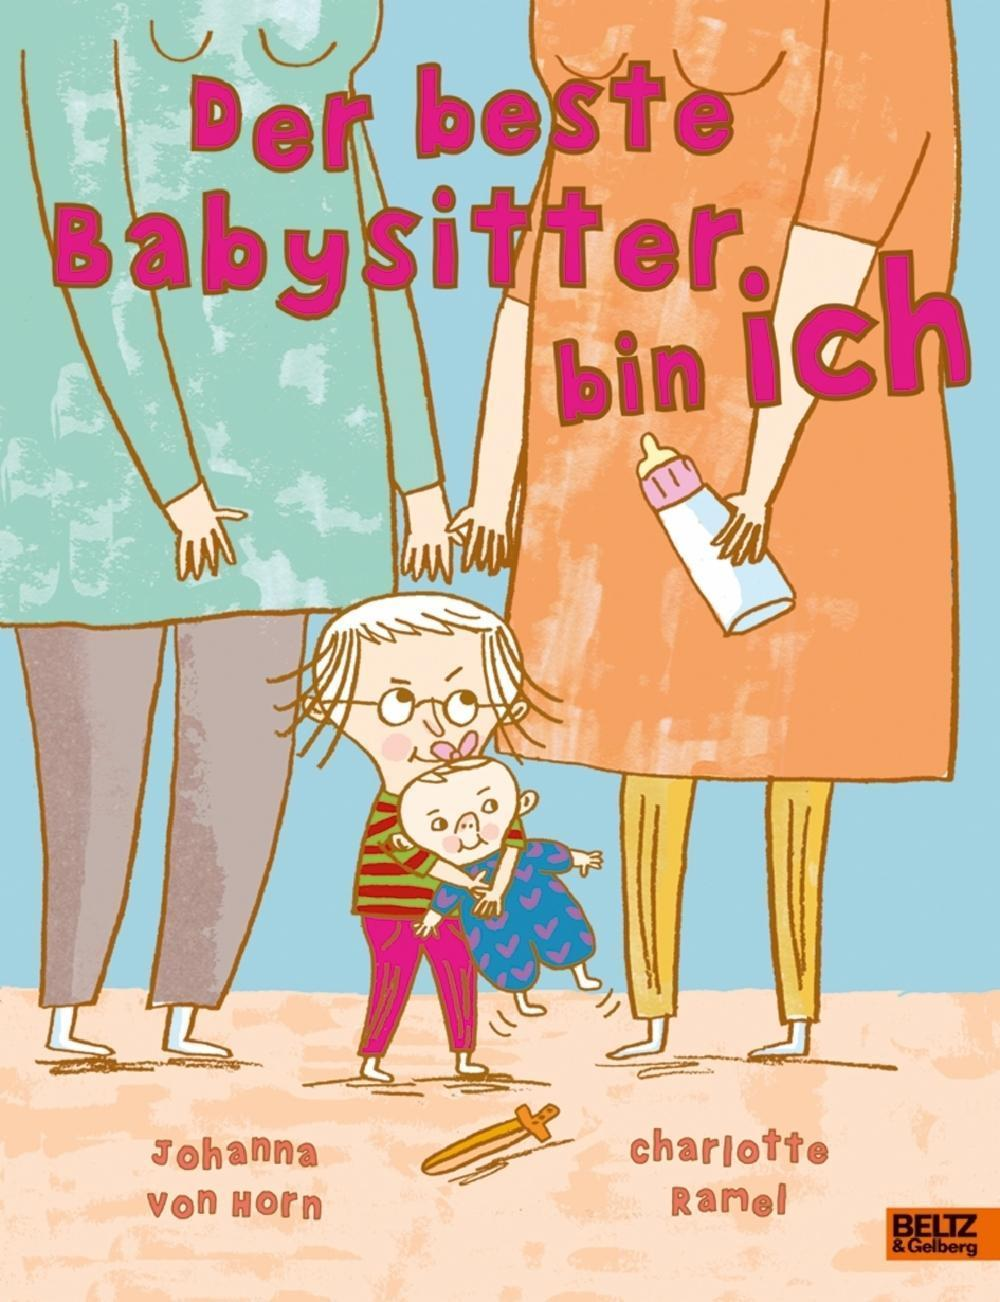 johanna-der-beste-babysitter-bin-ich